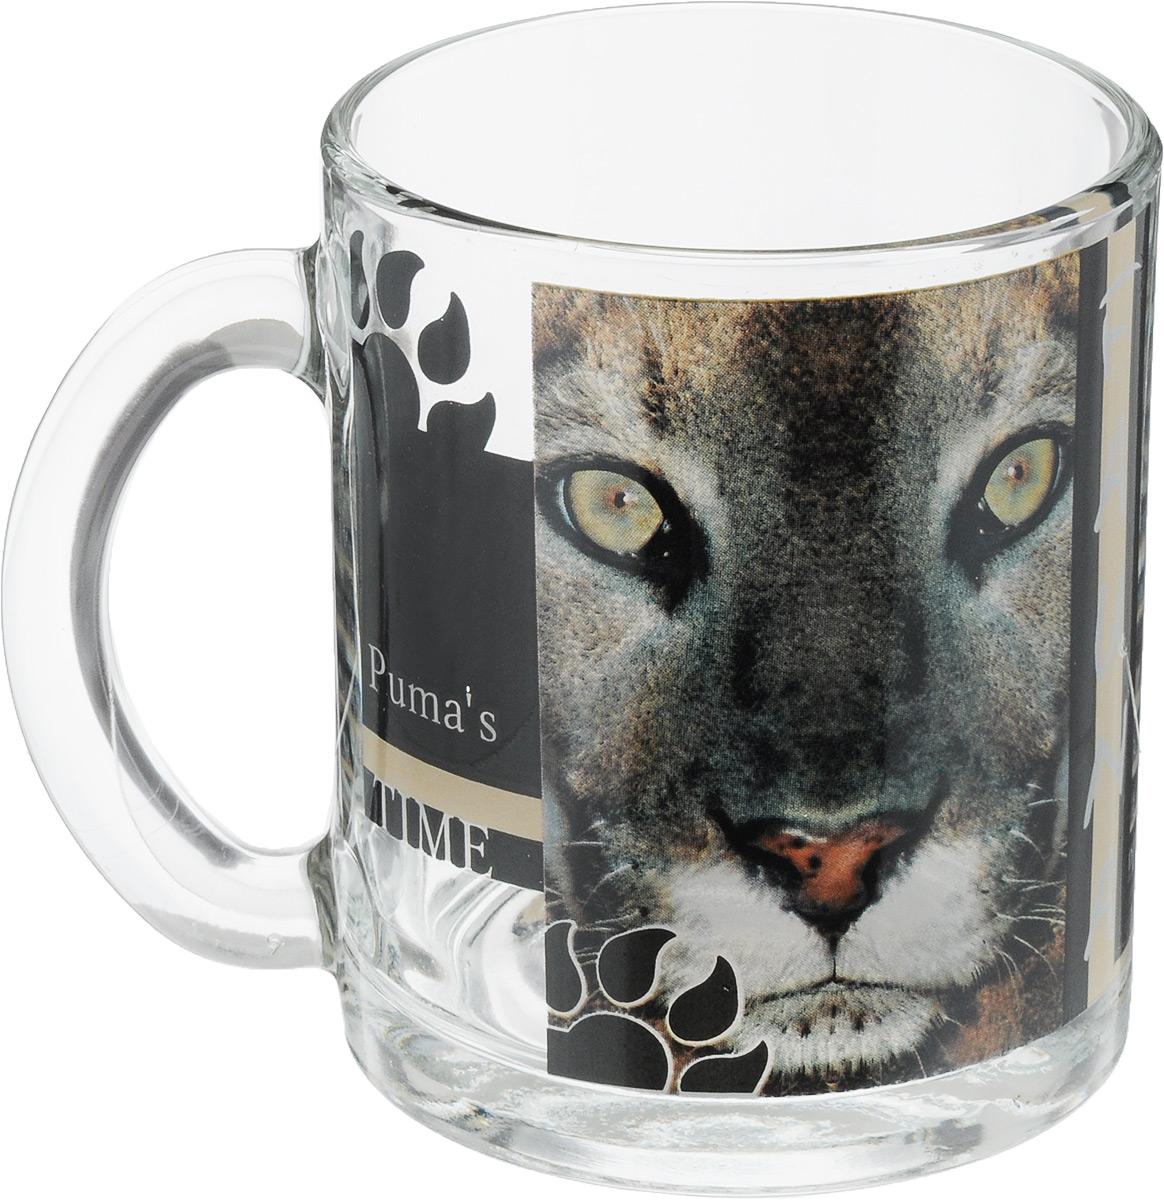 Кружка OSZ Чайная. Дикие кошки. Пума, 320 мл54 009312Кружка OSZ Чайная. Дикие кошки. Пума изготовлена из стекла и декорирована принтом.Диаметр (по верхнему краю): 7,5 см. Высота: 9,5 см. Объем: 320 мл.